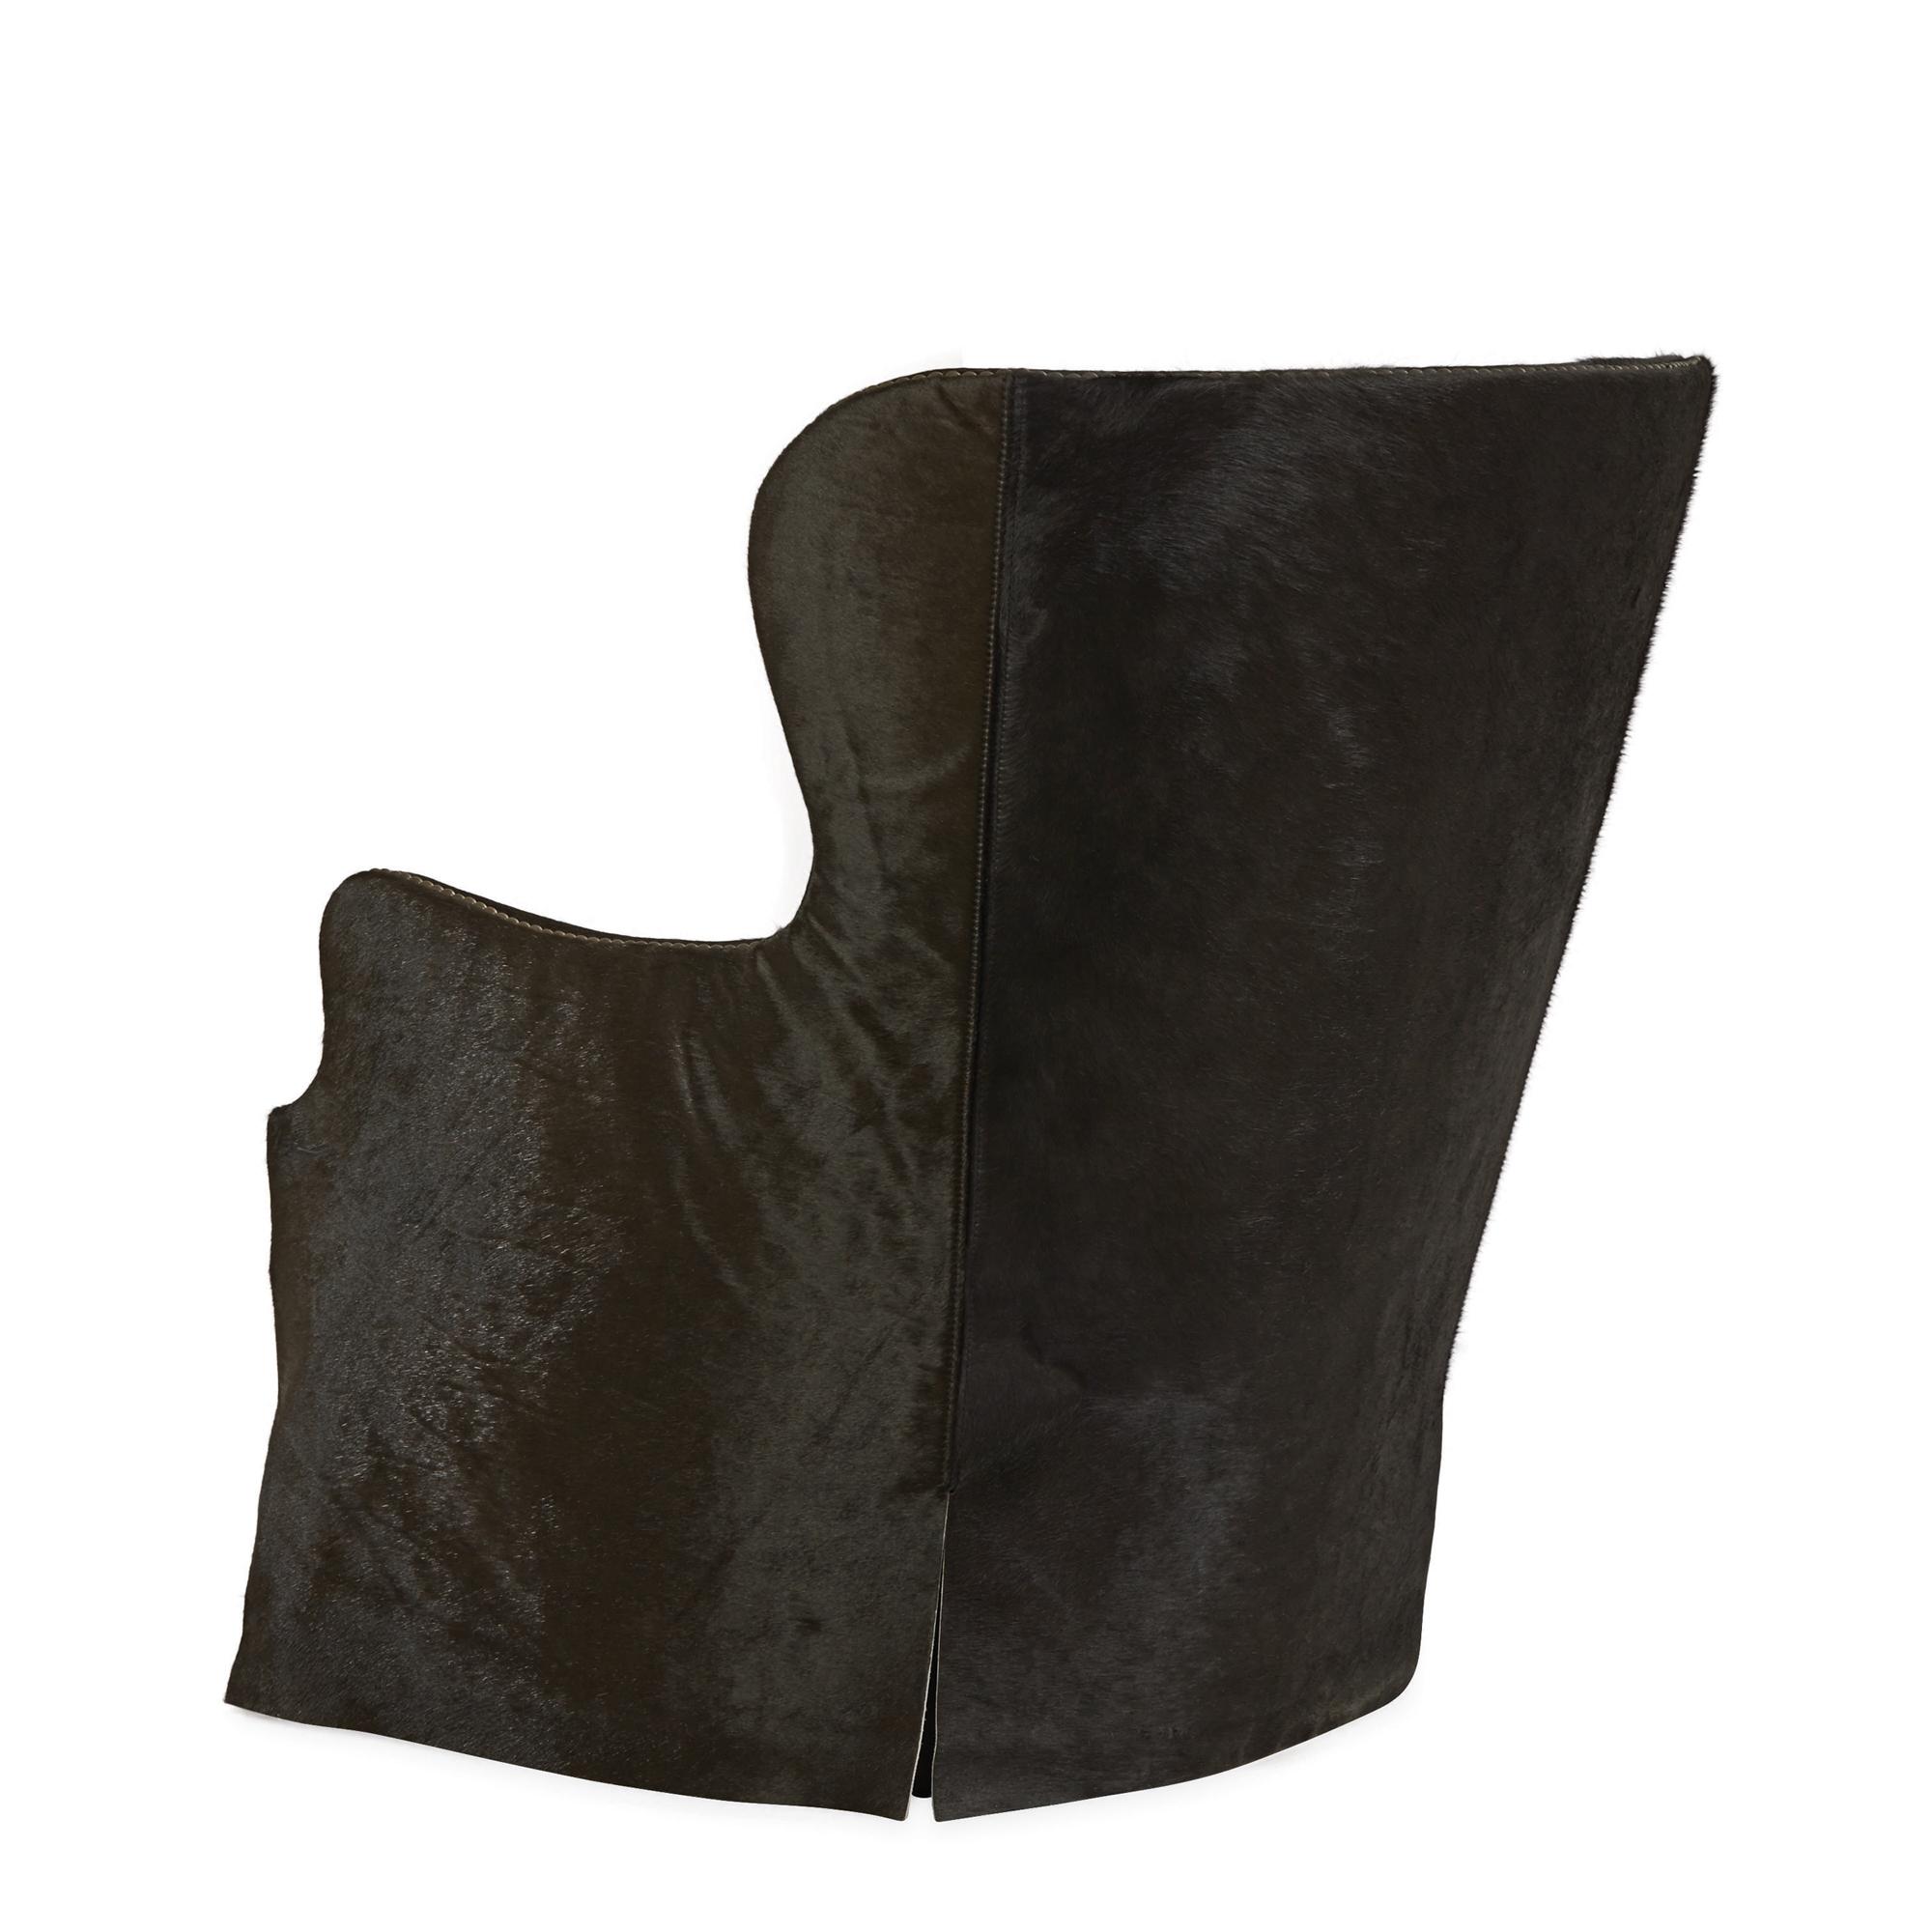 L1991-41_Hair-On-Hide_Swivel_Chair_Lee_back.jpg